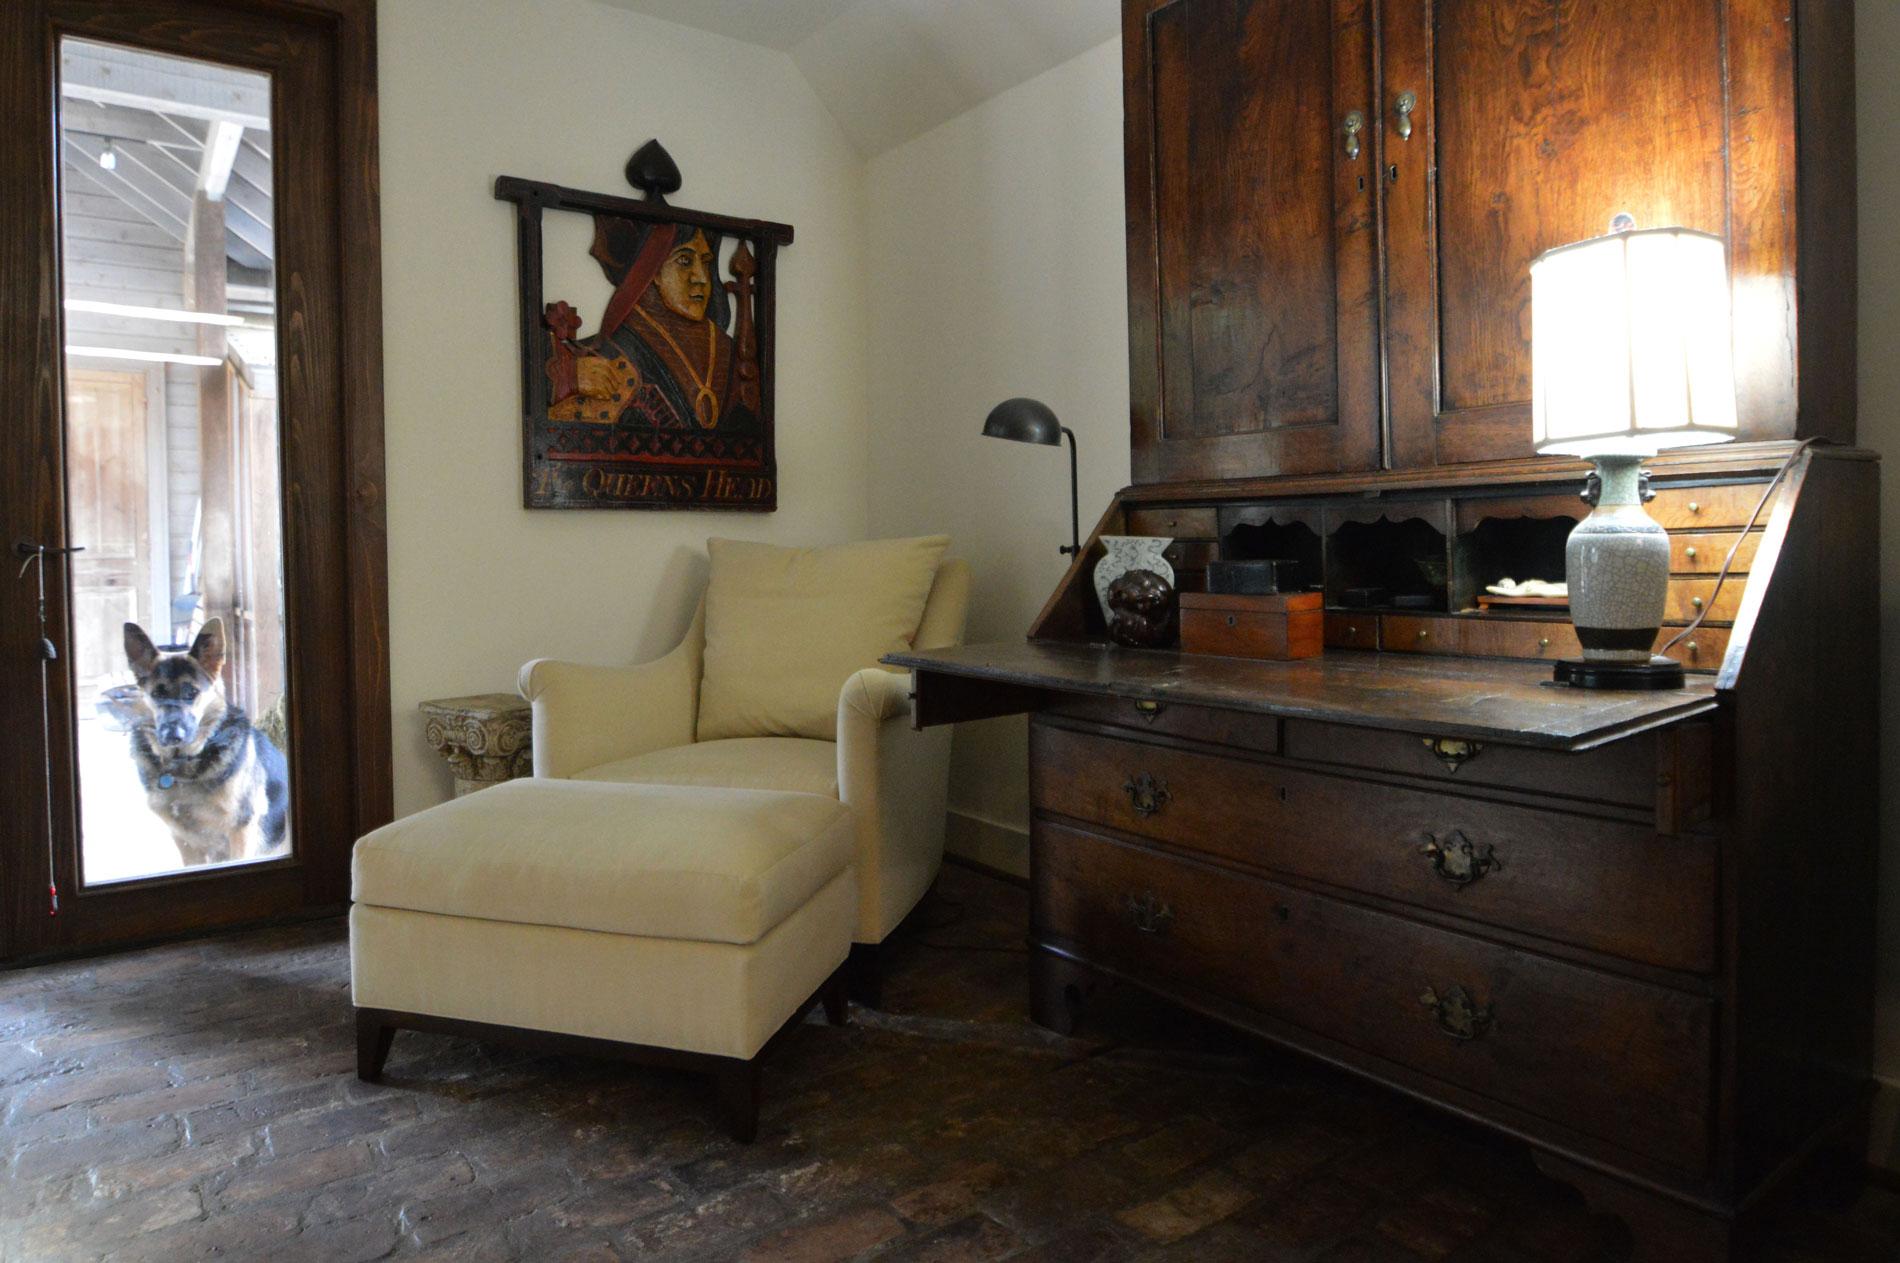 sindel-joel-dixon-smith-interiors-baton-rouge-interior-design-custom-furniture-web-0008